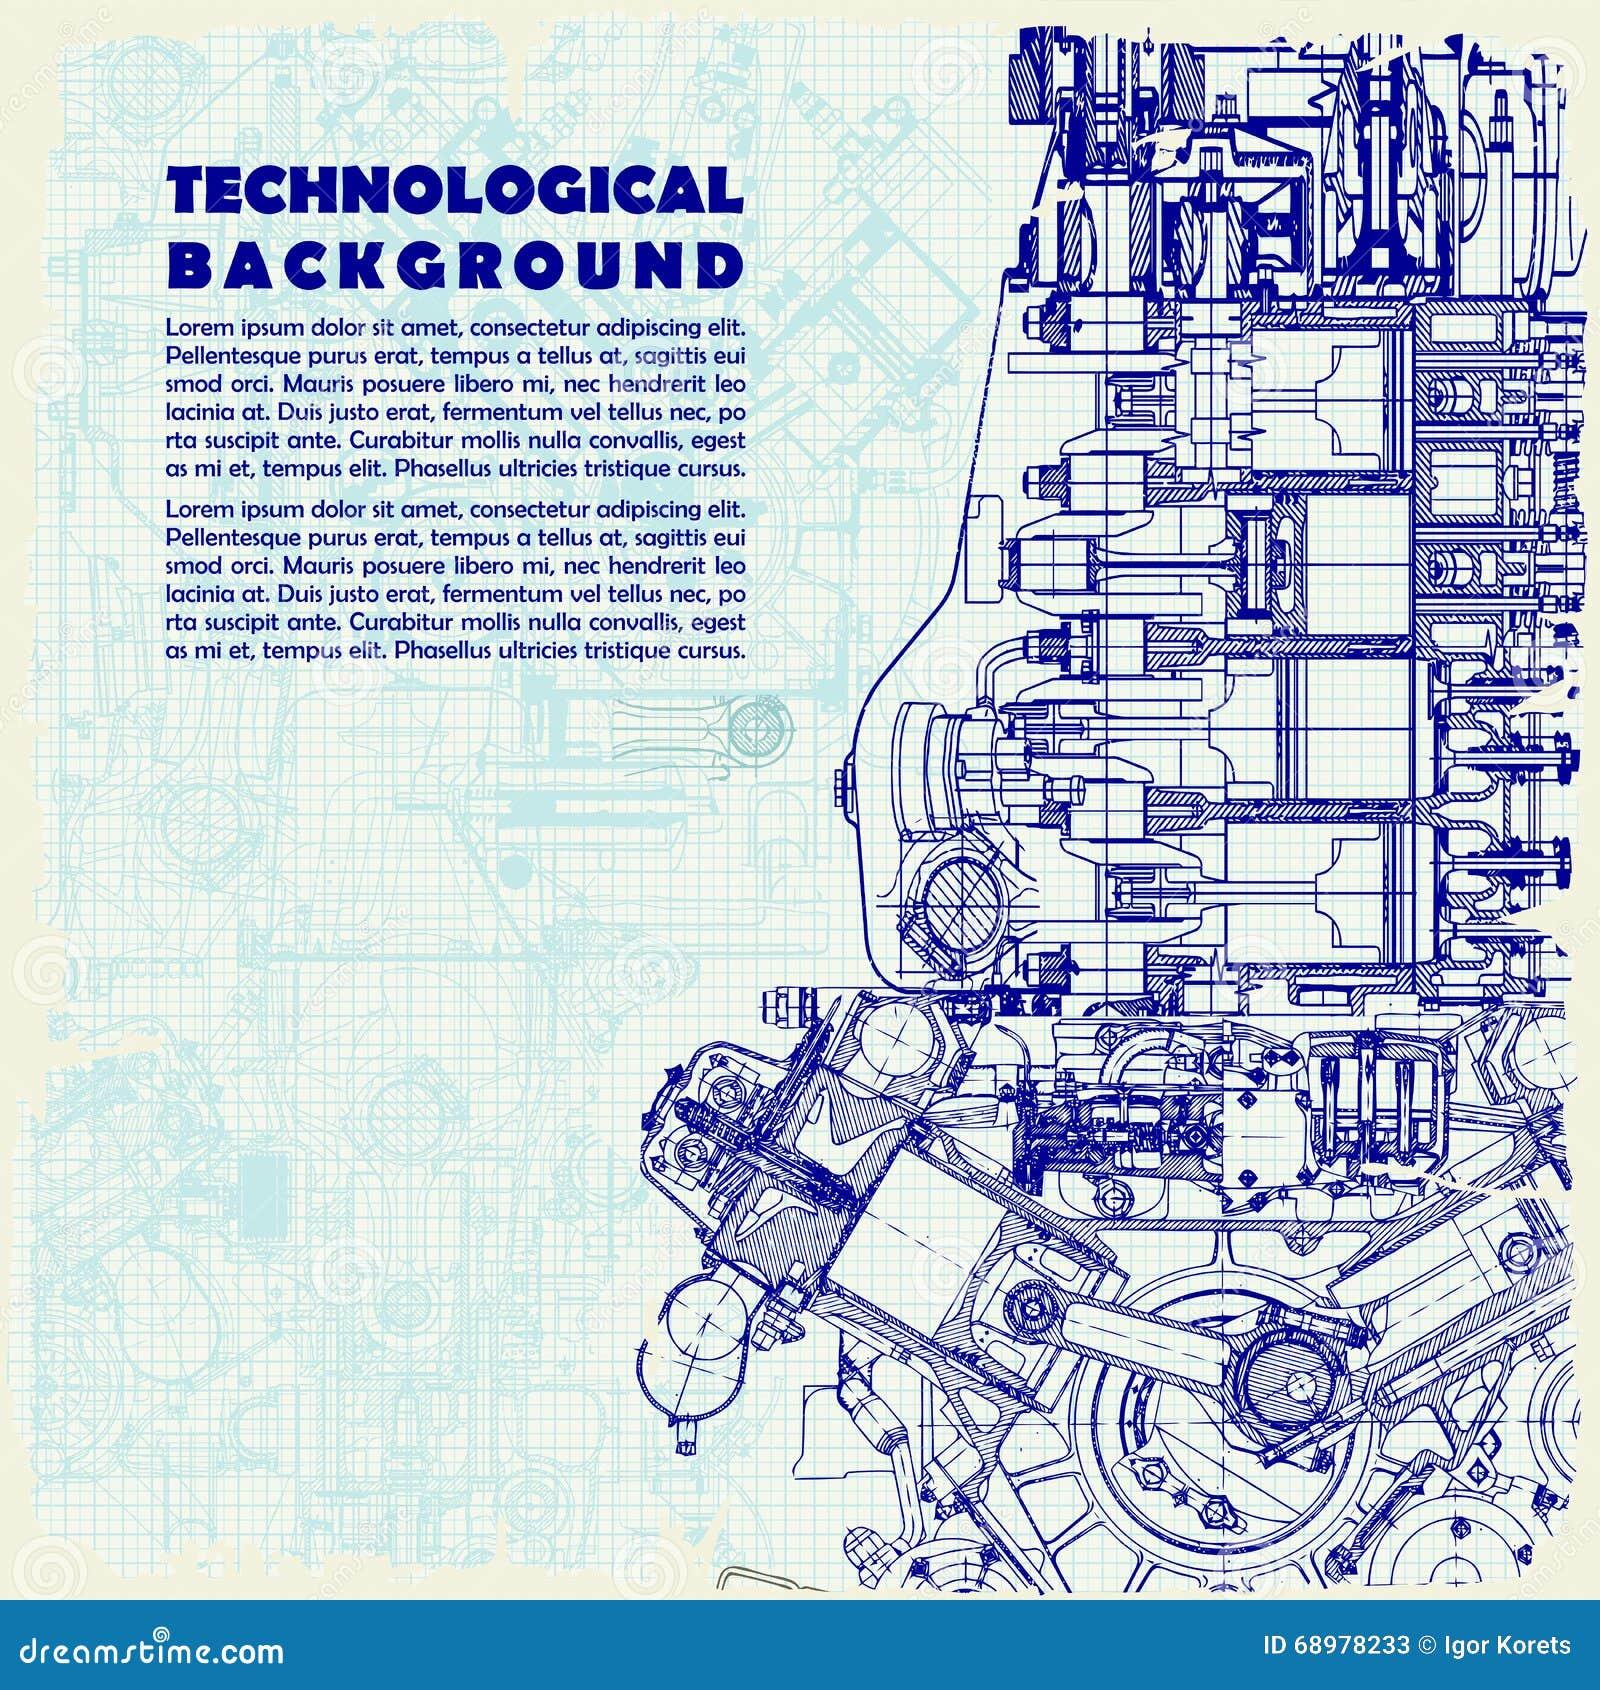 Formación técnica retra, motor de dibujo y espacio para su texto la textura del papel cuadriculado se puede apagar